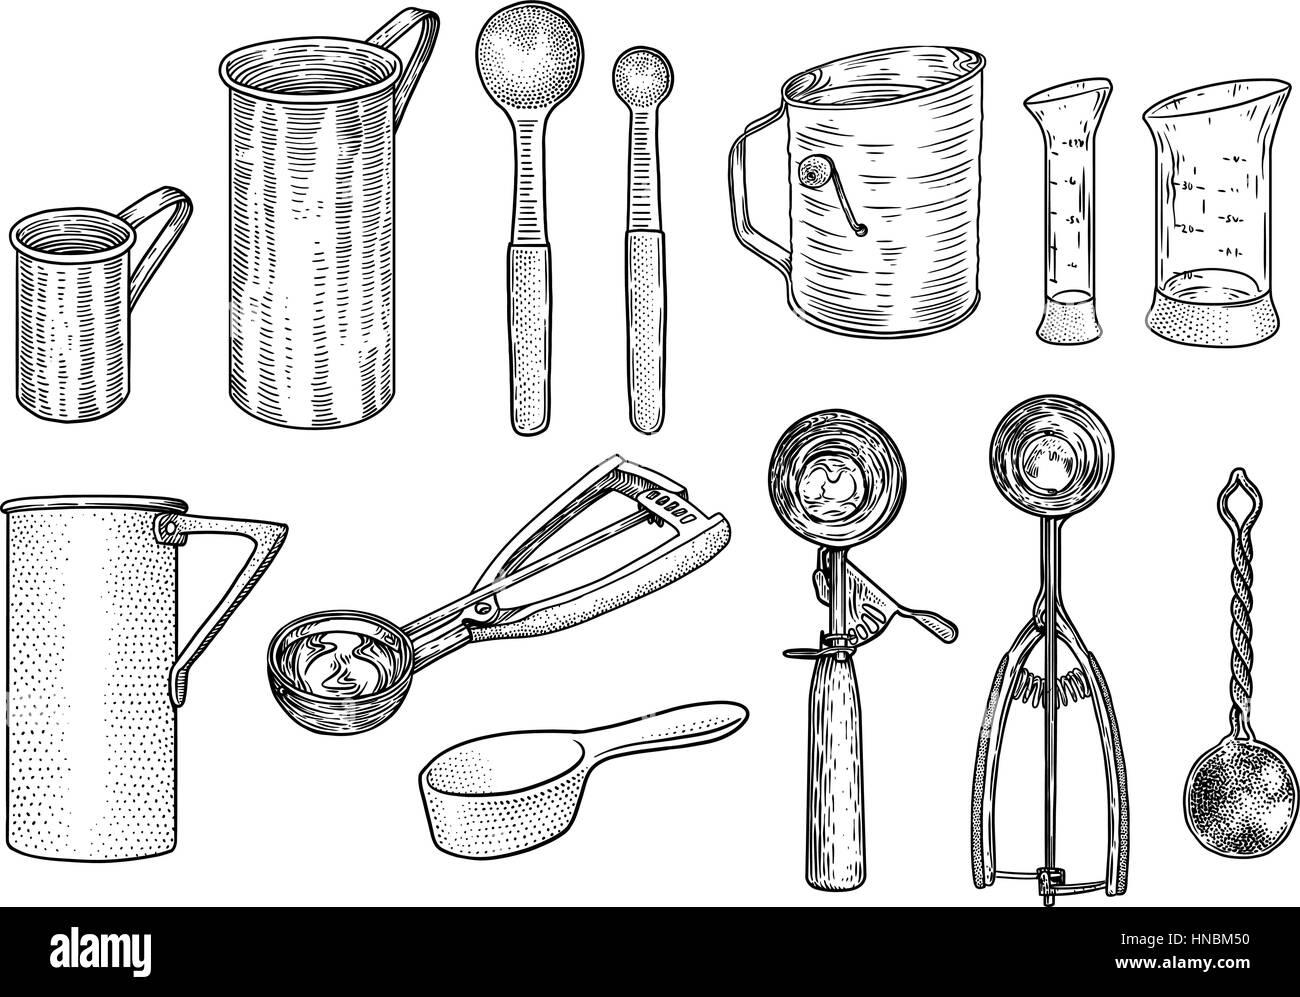 Conjunto De Utens Lios De Cozinha Ilustra O Desenho Gravura  ~ Desenho Utensílios De Cozinha